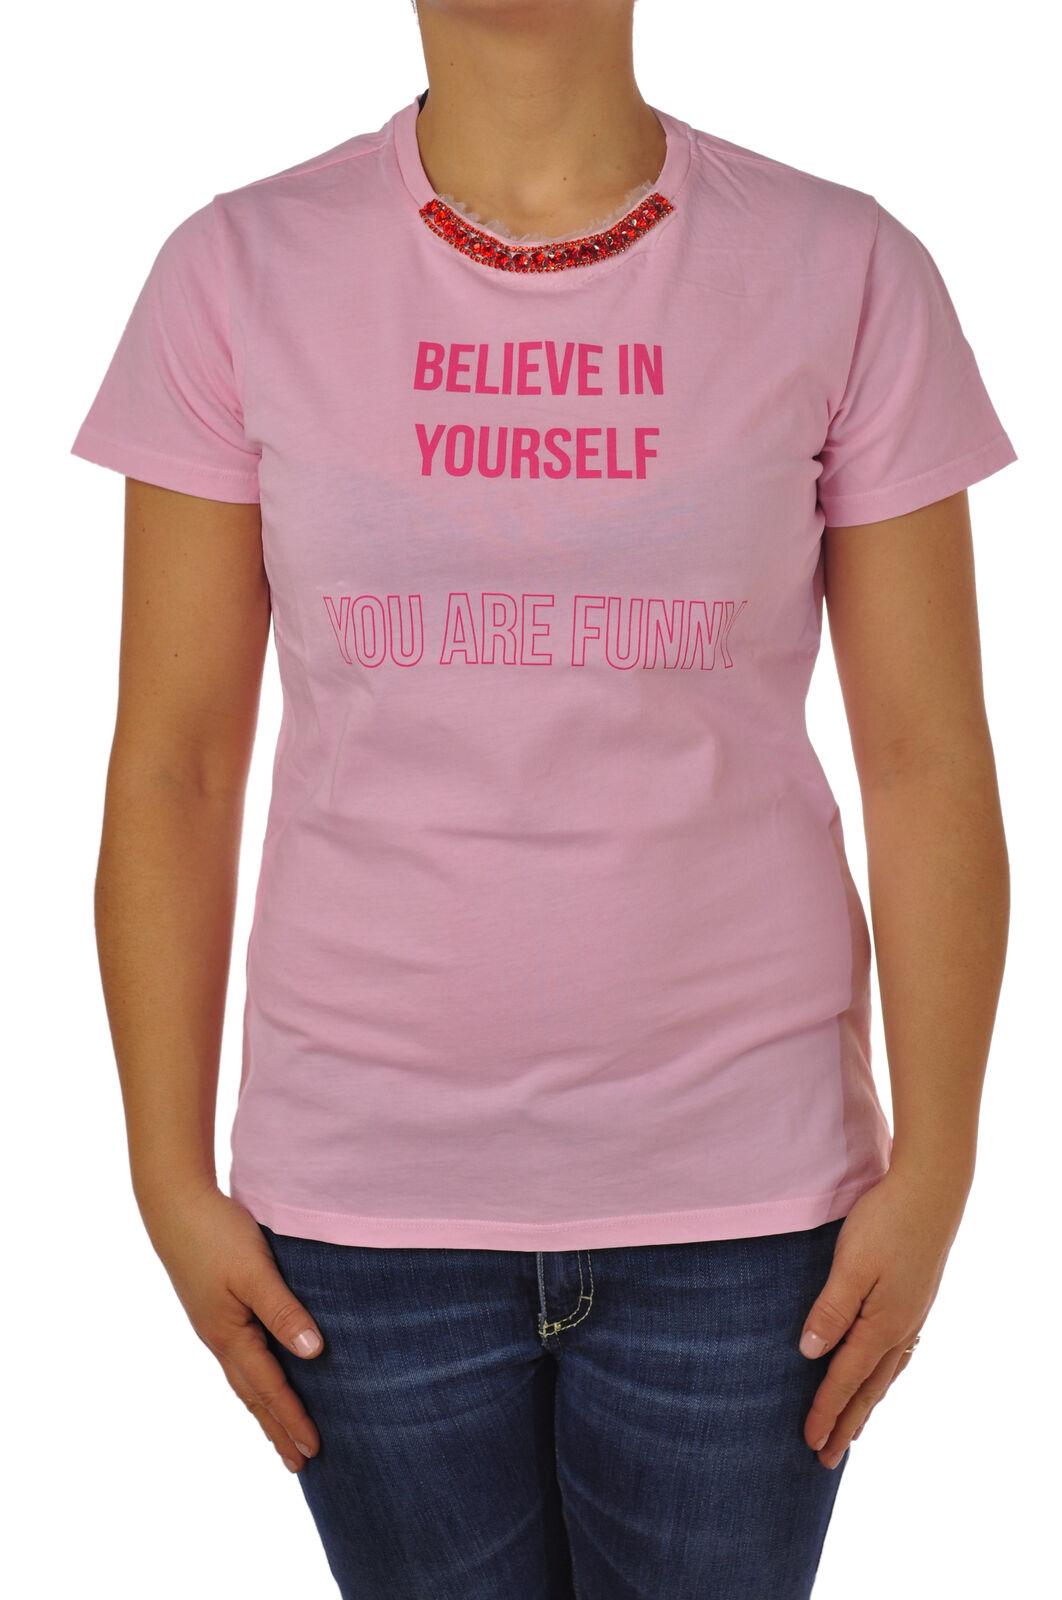 Rosao - Topwear-T-shirts - Woman - Rosa - 4775813F180951